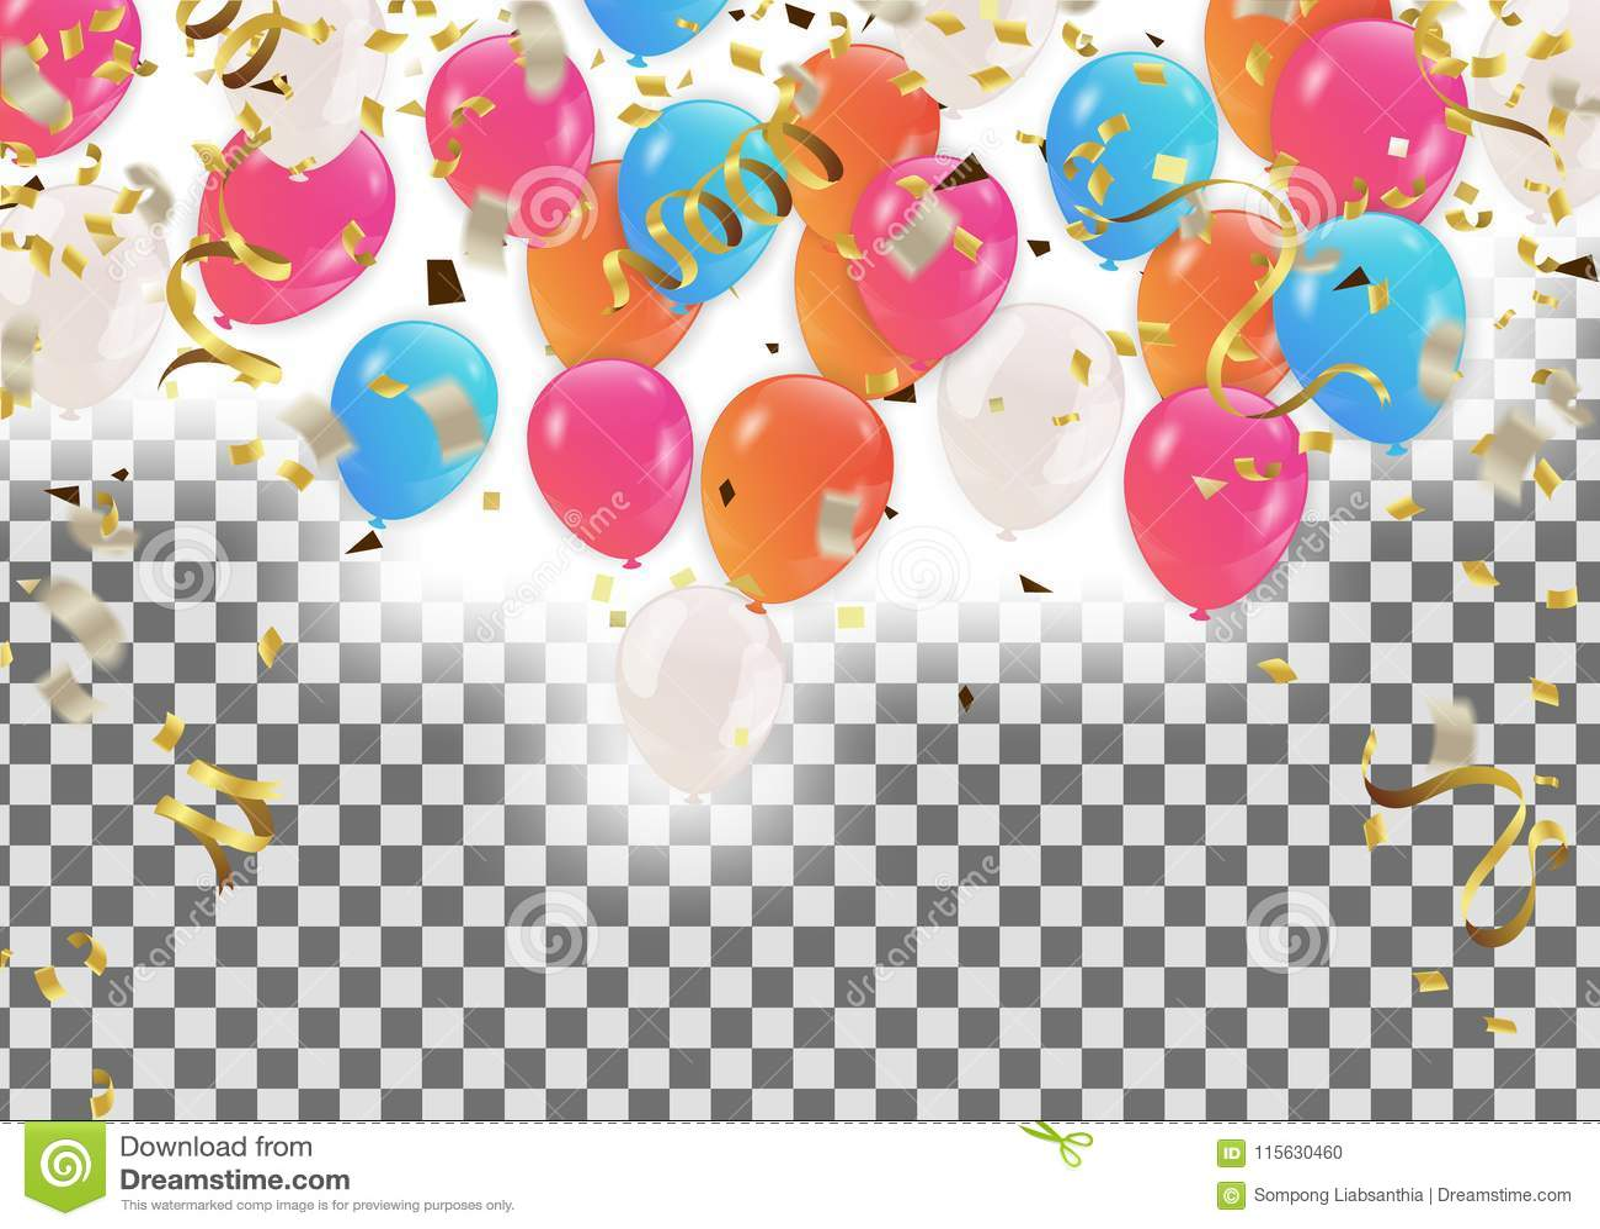 五颜六色的气球生日快乐假日框架或背景wi